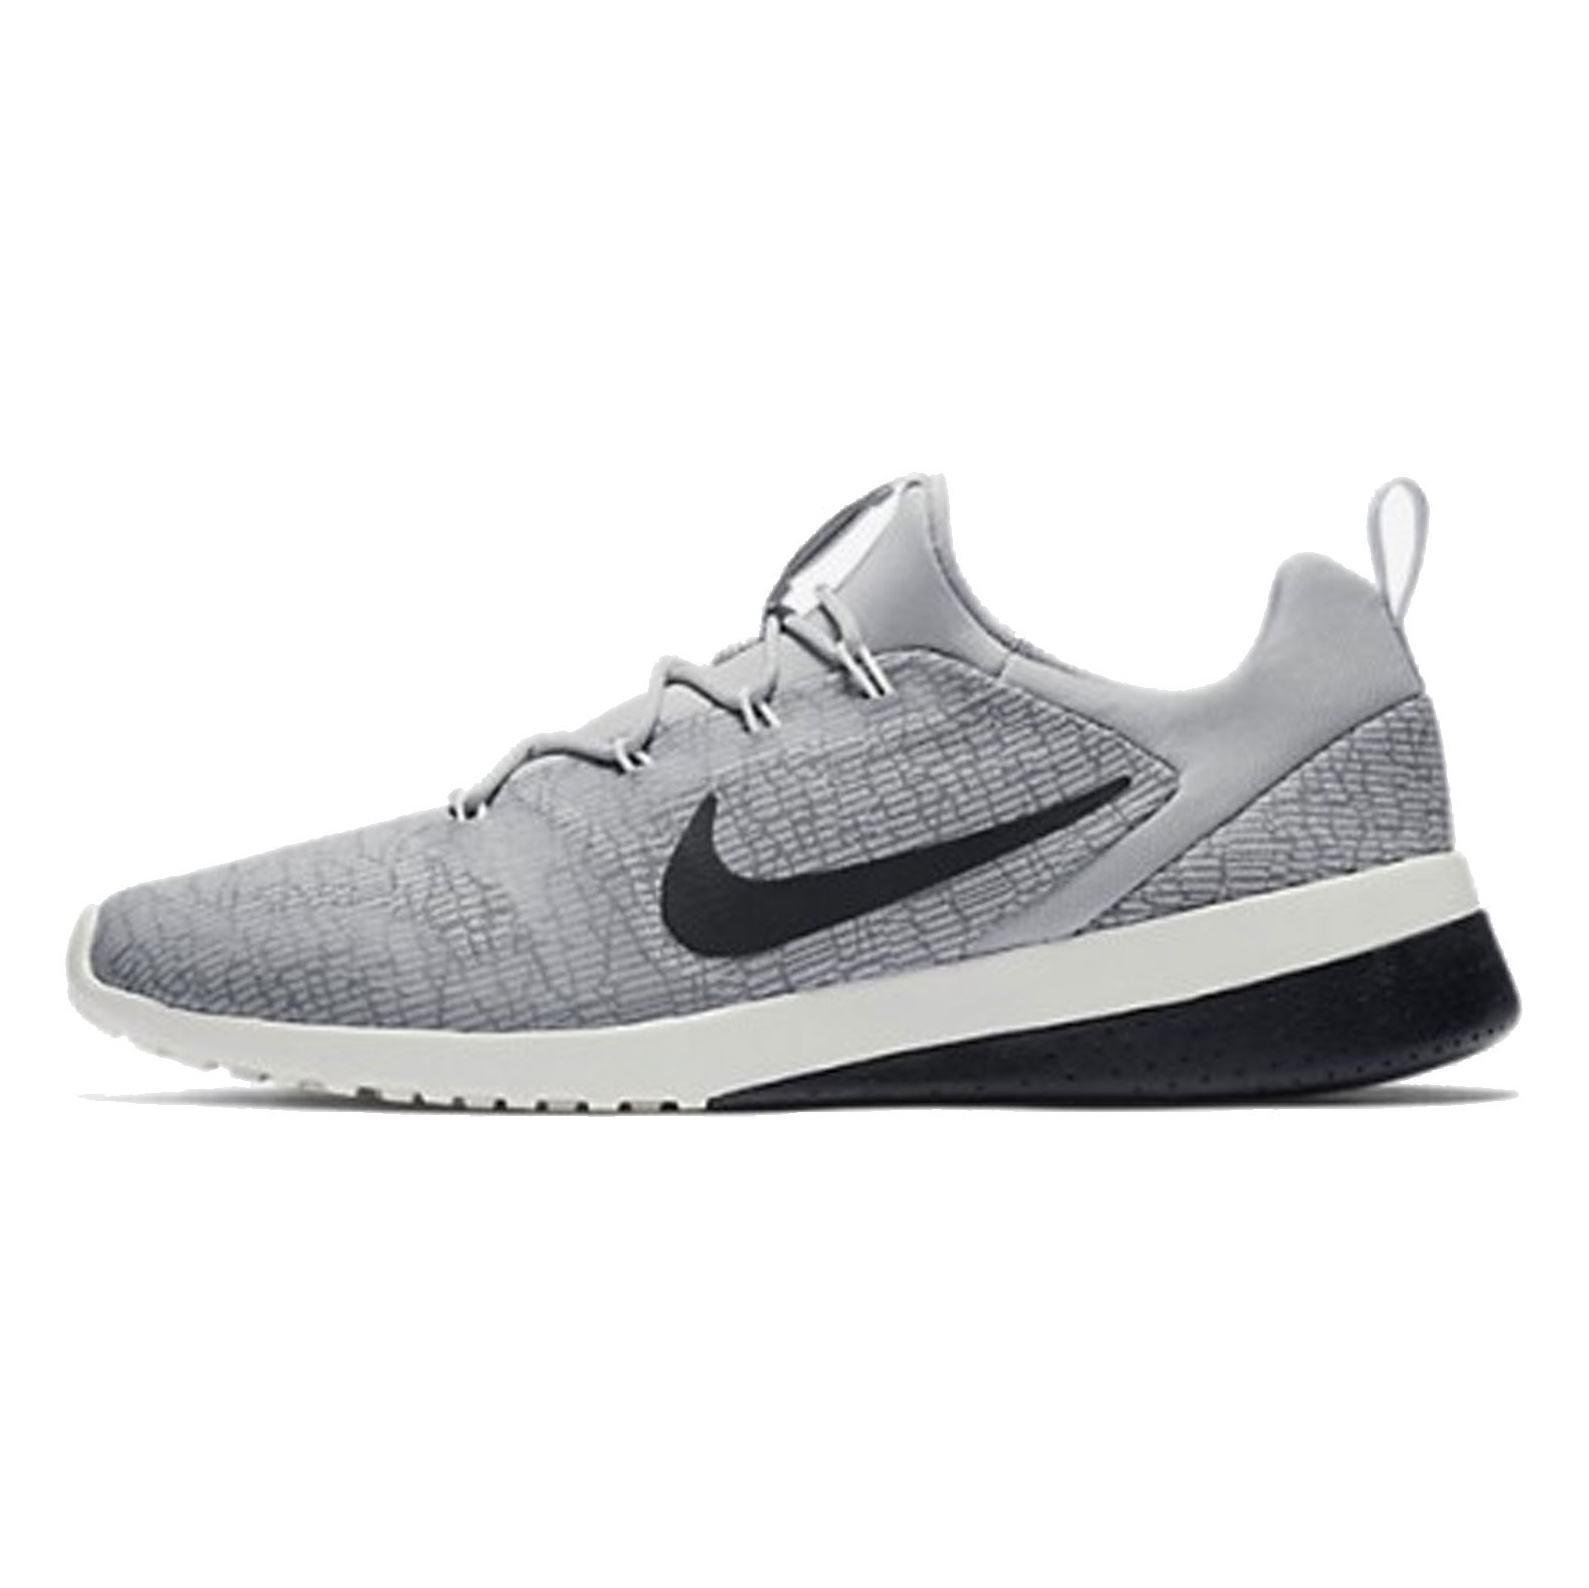 کفش ورزشی بندی دویدن مردانه Ck Racer - نایکی - طوسي روشن - 3